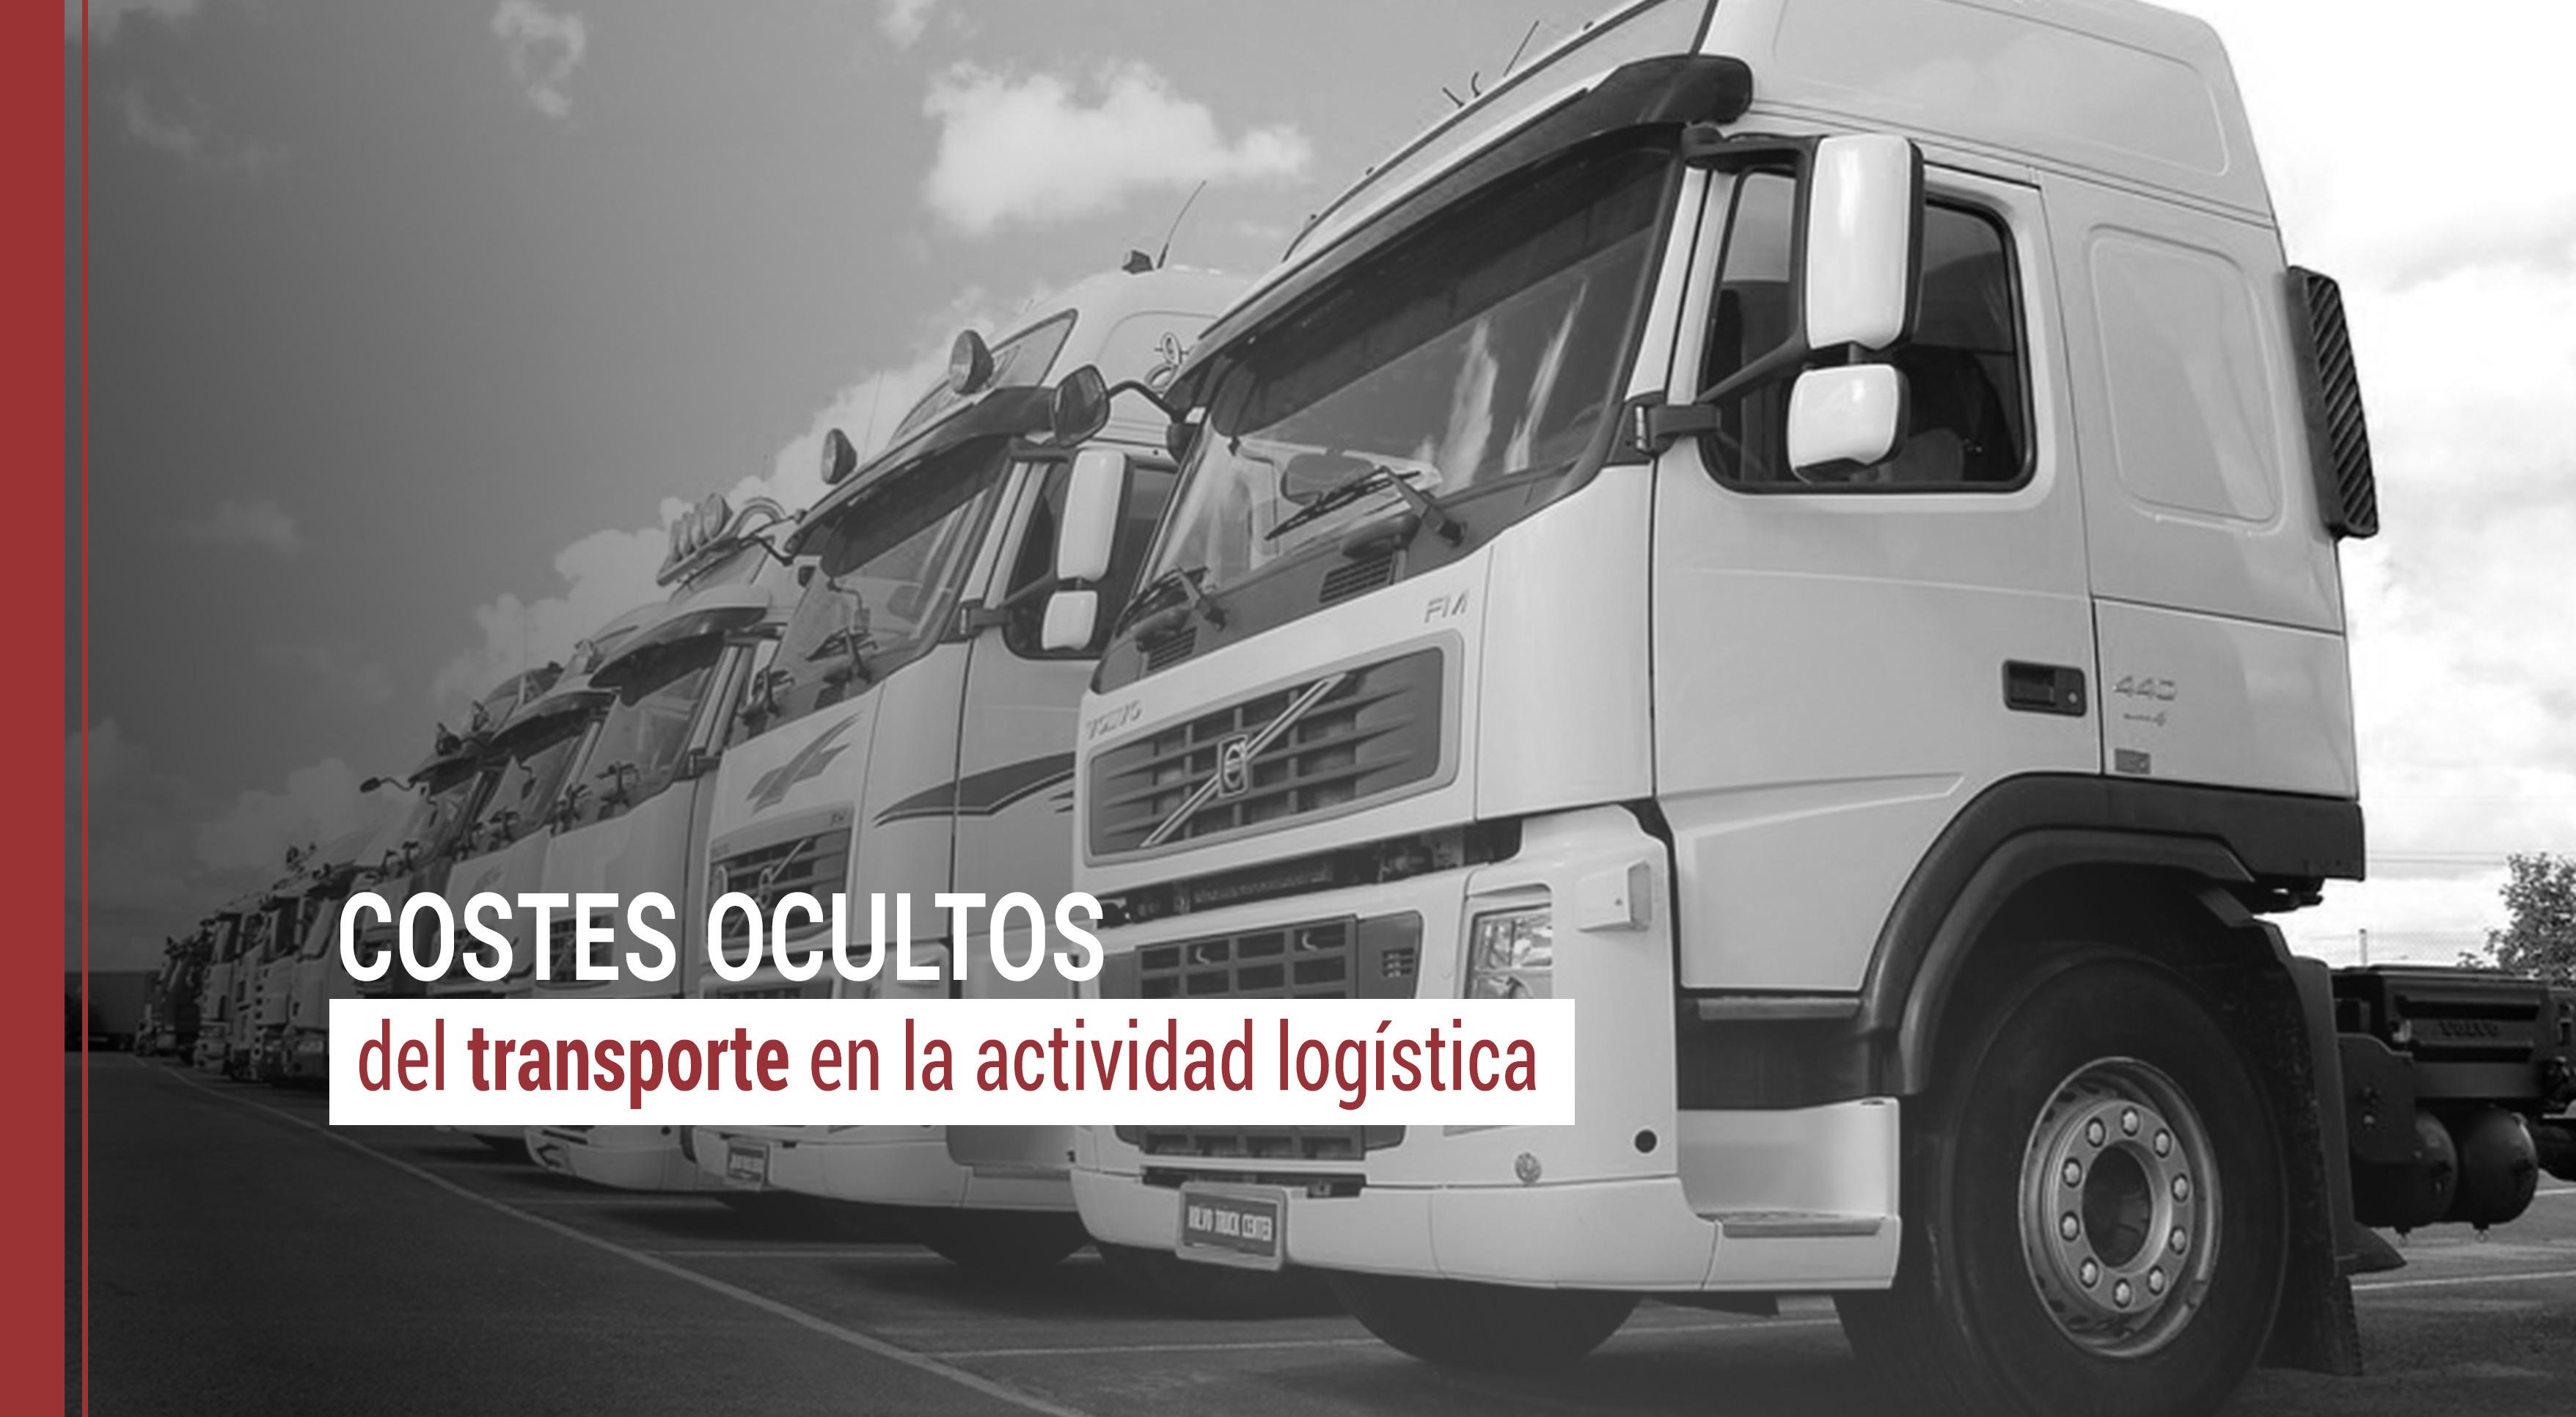 los costes ocultos del transporte en logistica